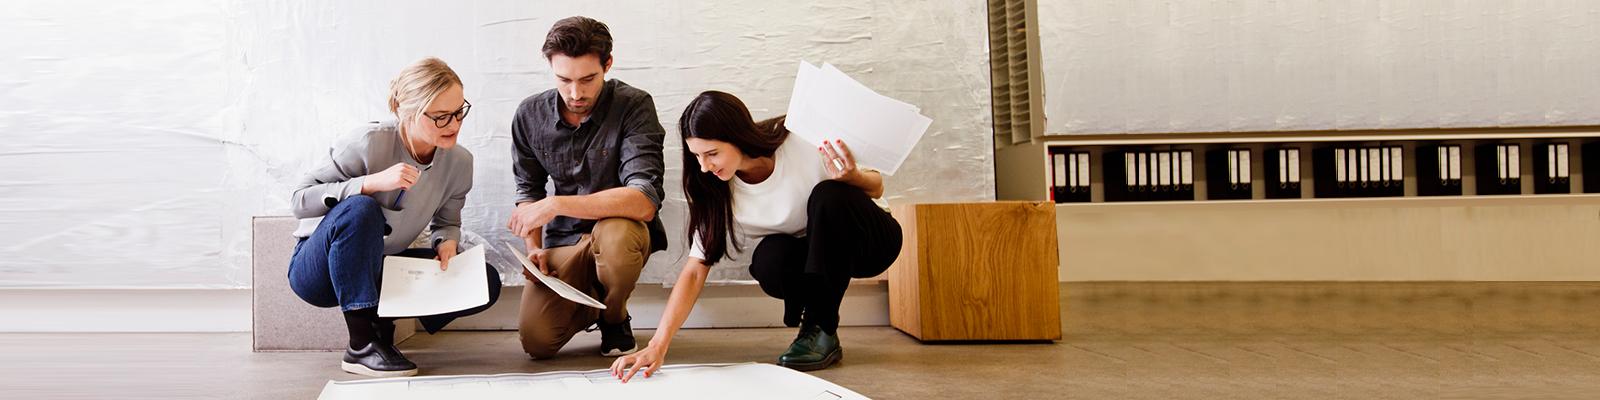 Junge Gründerinnen und Gründer sprechen über eine Zeichnung; Thema Existenzgründung; Quelle: Getty Images/Emely